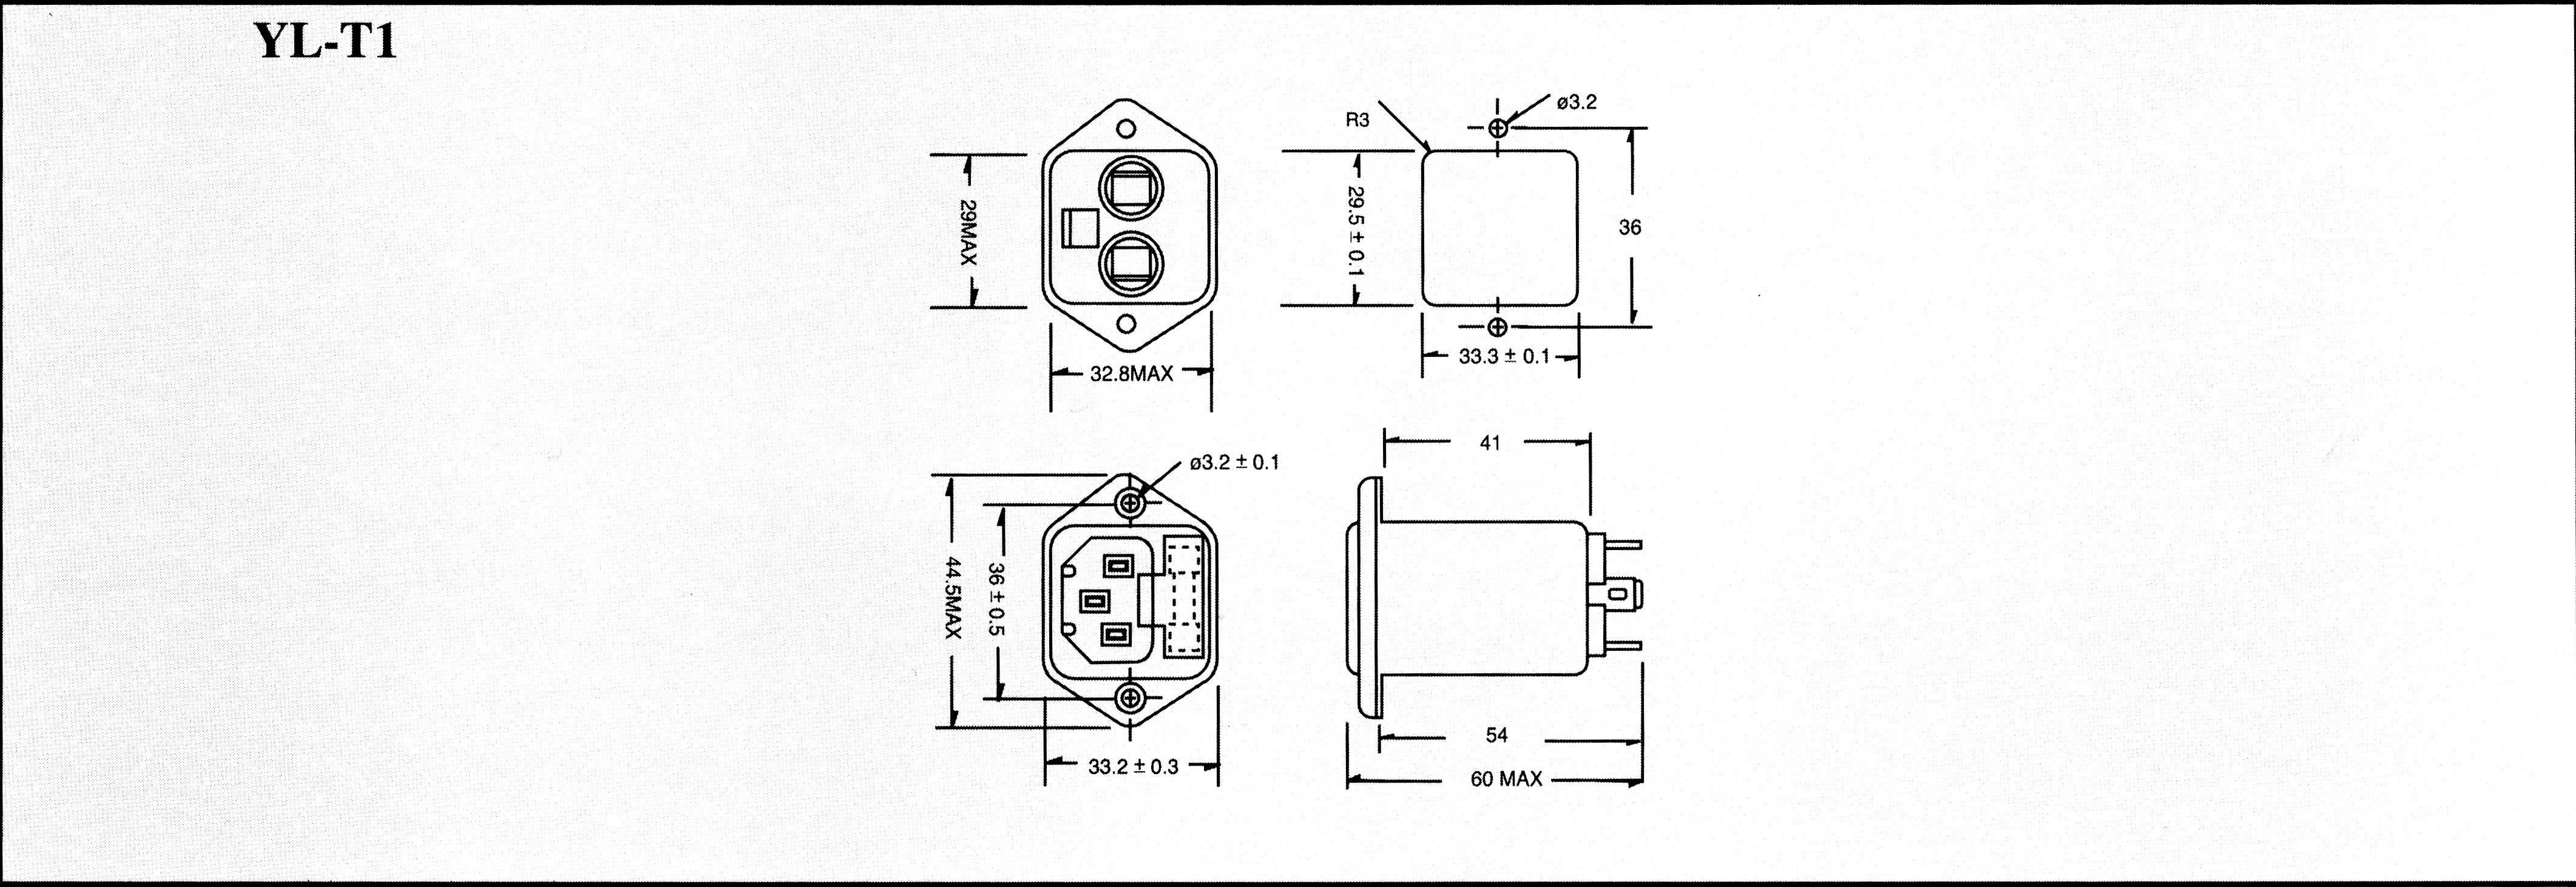 Sieťový filter Yunpen YL03T1 521474, s IEC zásuvkou, s poistkou, 250 V/AC, 3 A, 1.8 mH, (d x š x v) 60 x 45 x 33.5 mm, 1 ks